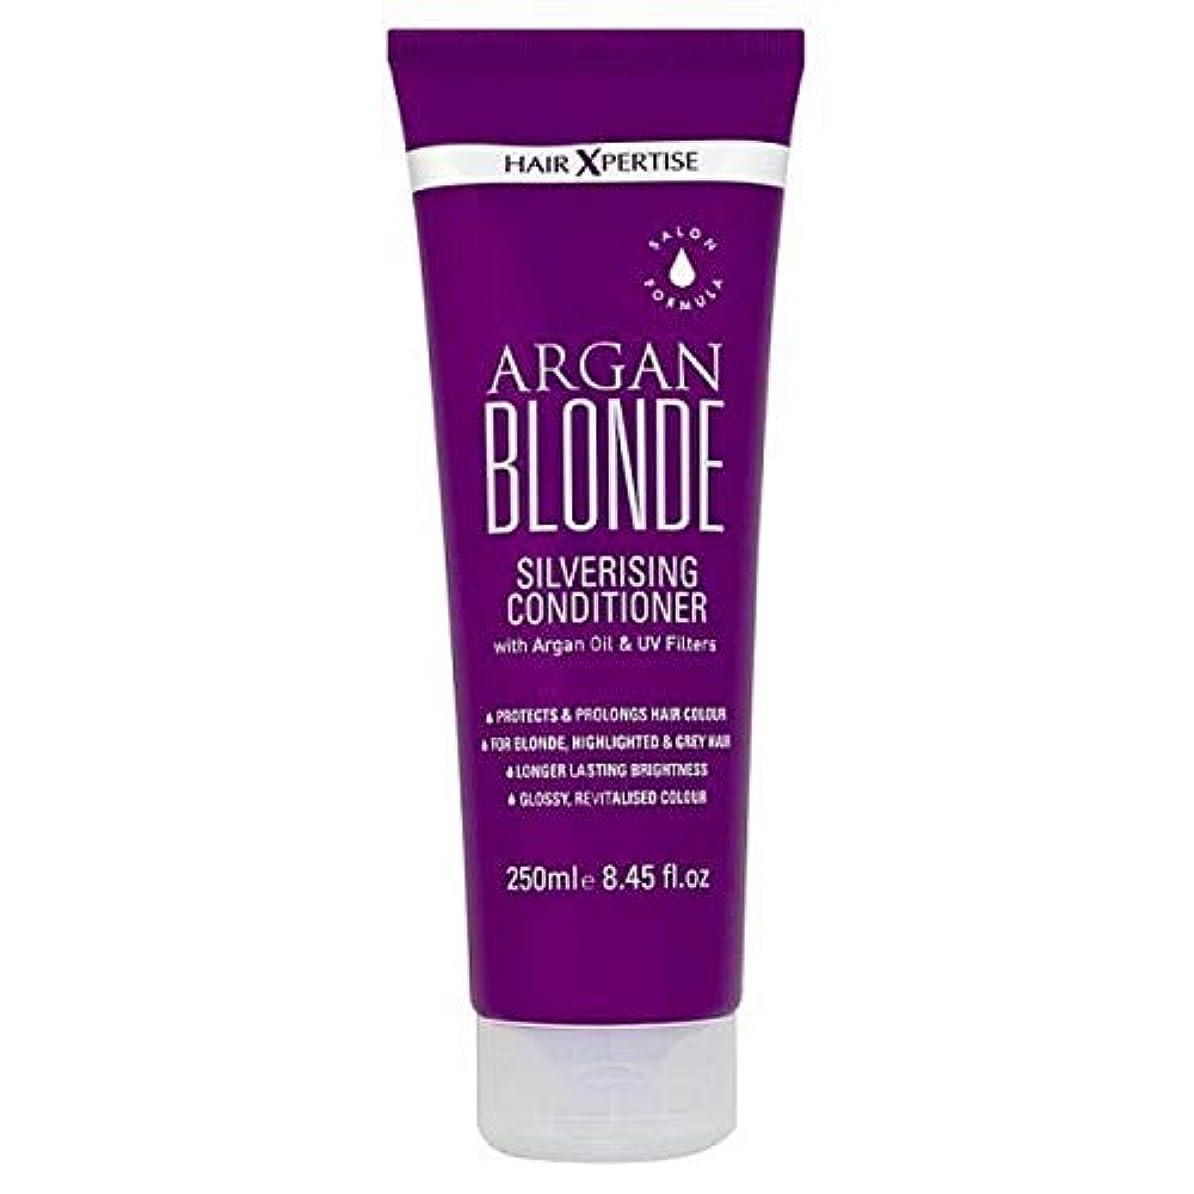 コークス残りドキドキ[Hair Xpertise] ヘアXpertiseのアルガンブロンドSilverisingコンディショナー250ミリリットル - Hair Xpertise Argan Blonde Silverising Conditioner...